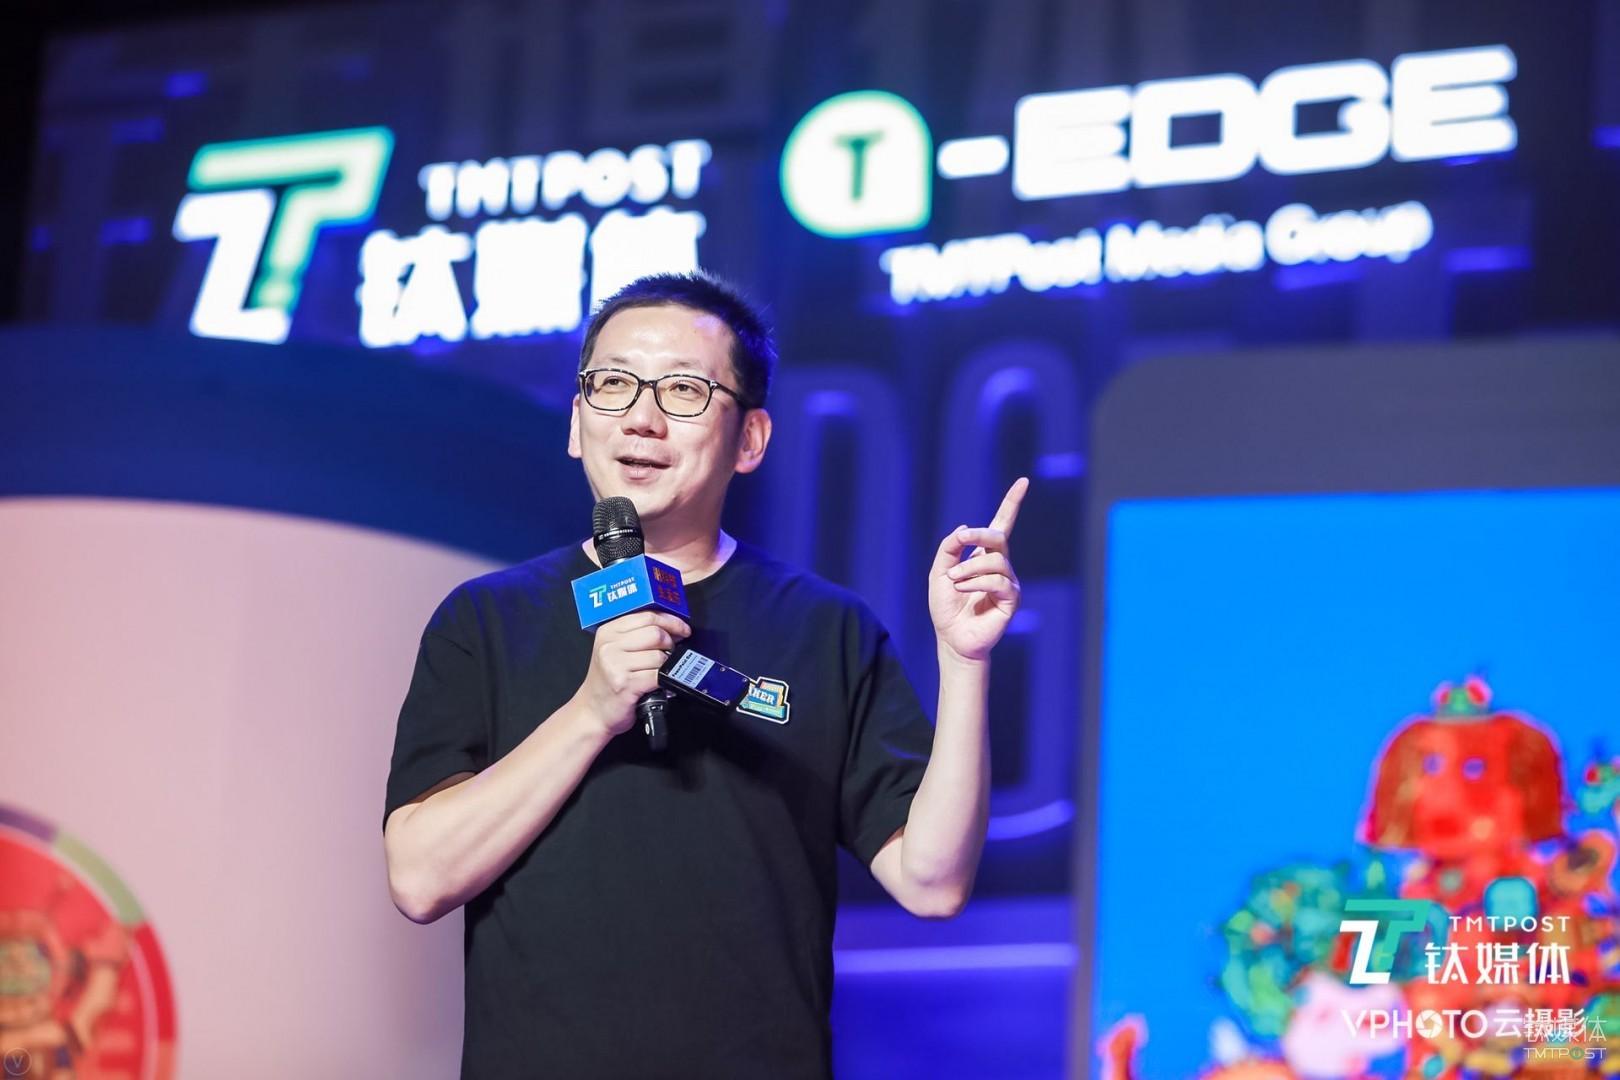 峰瑞资本李丰在2018钛媒体科技生活节